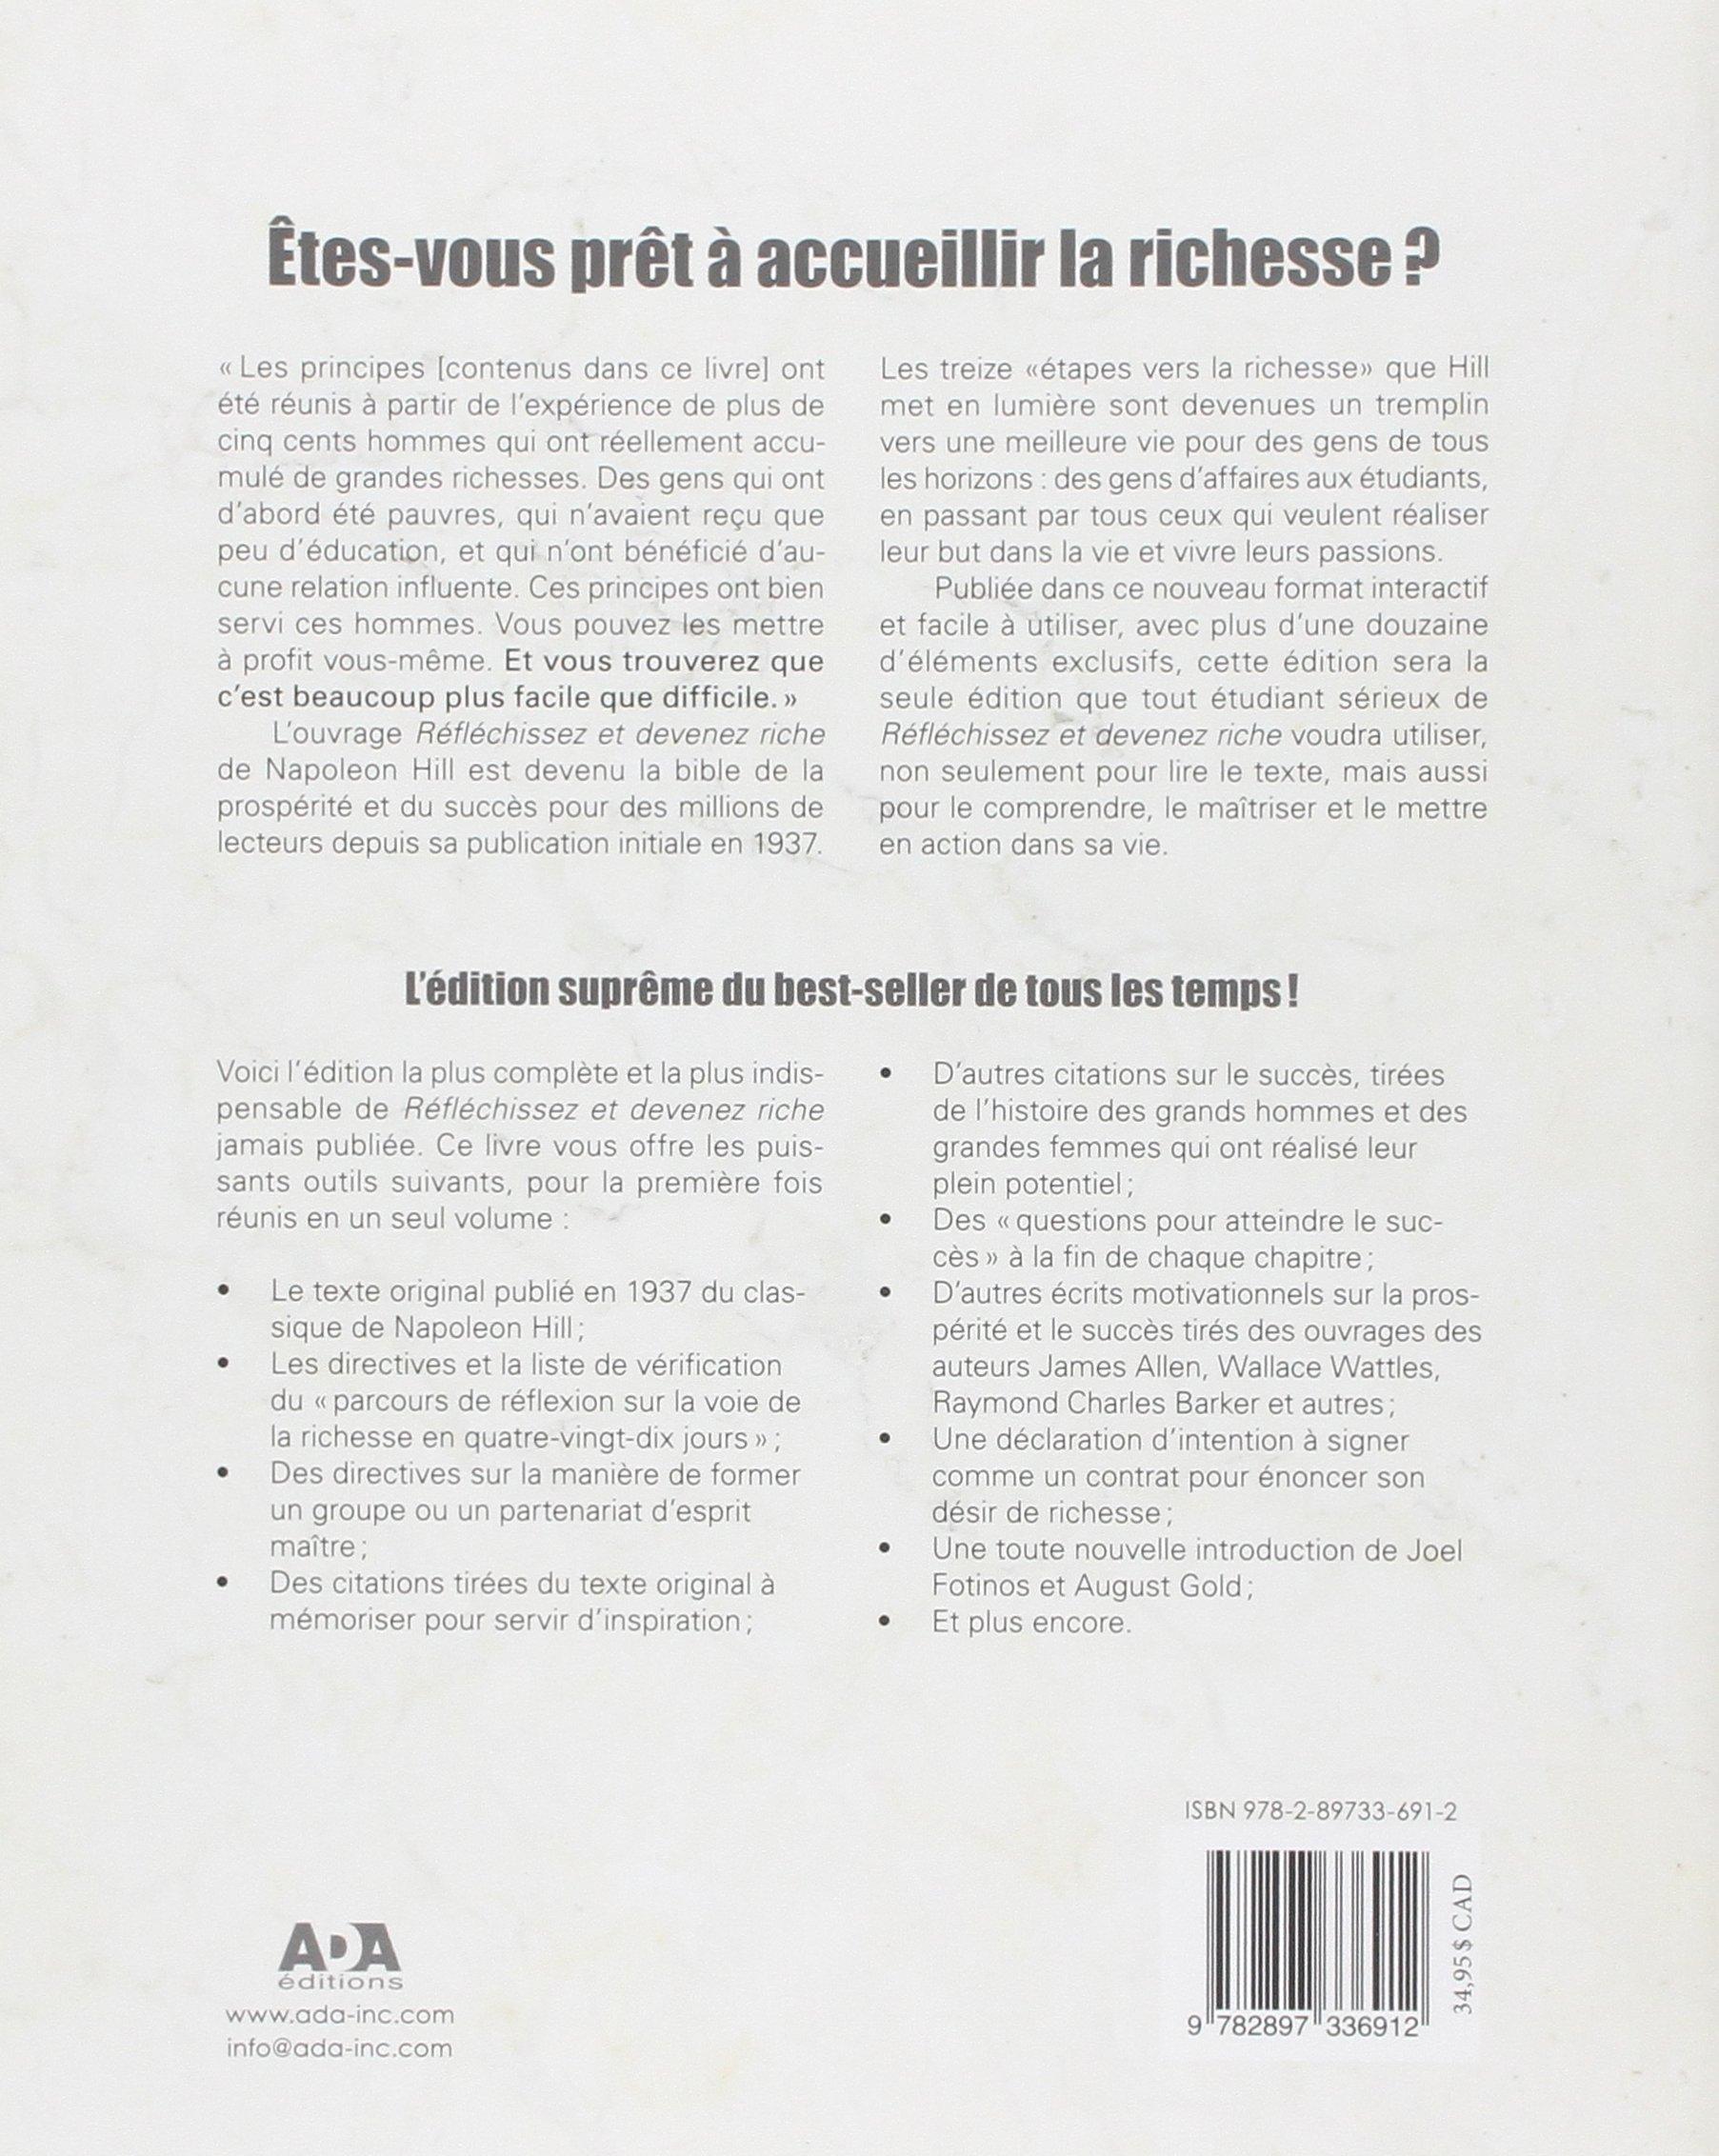 Riche De Le Devenez Grand Réfléchissez L Livre Et pqA7pwE